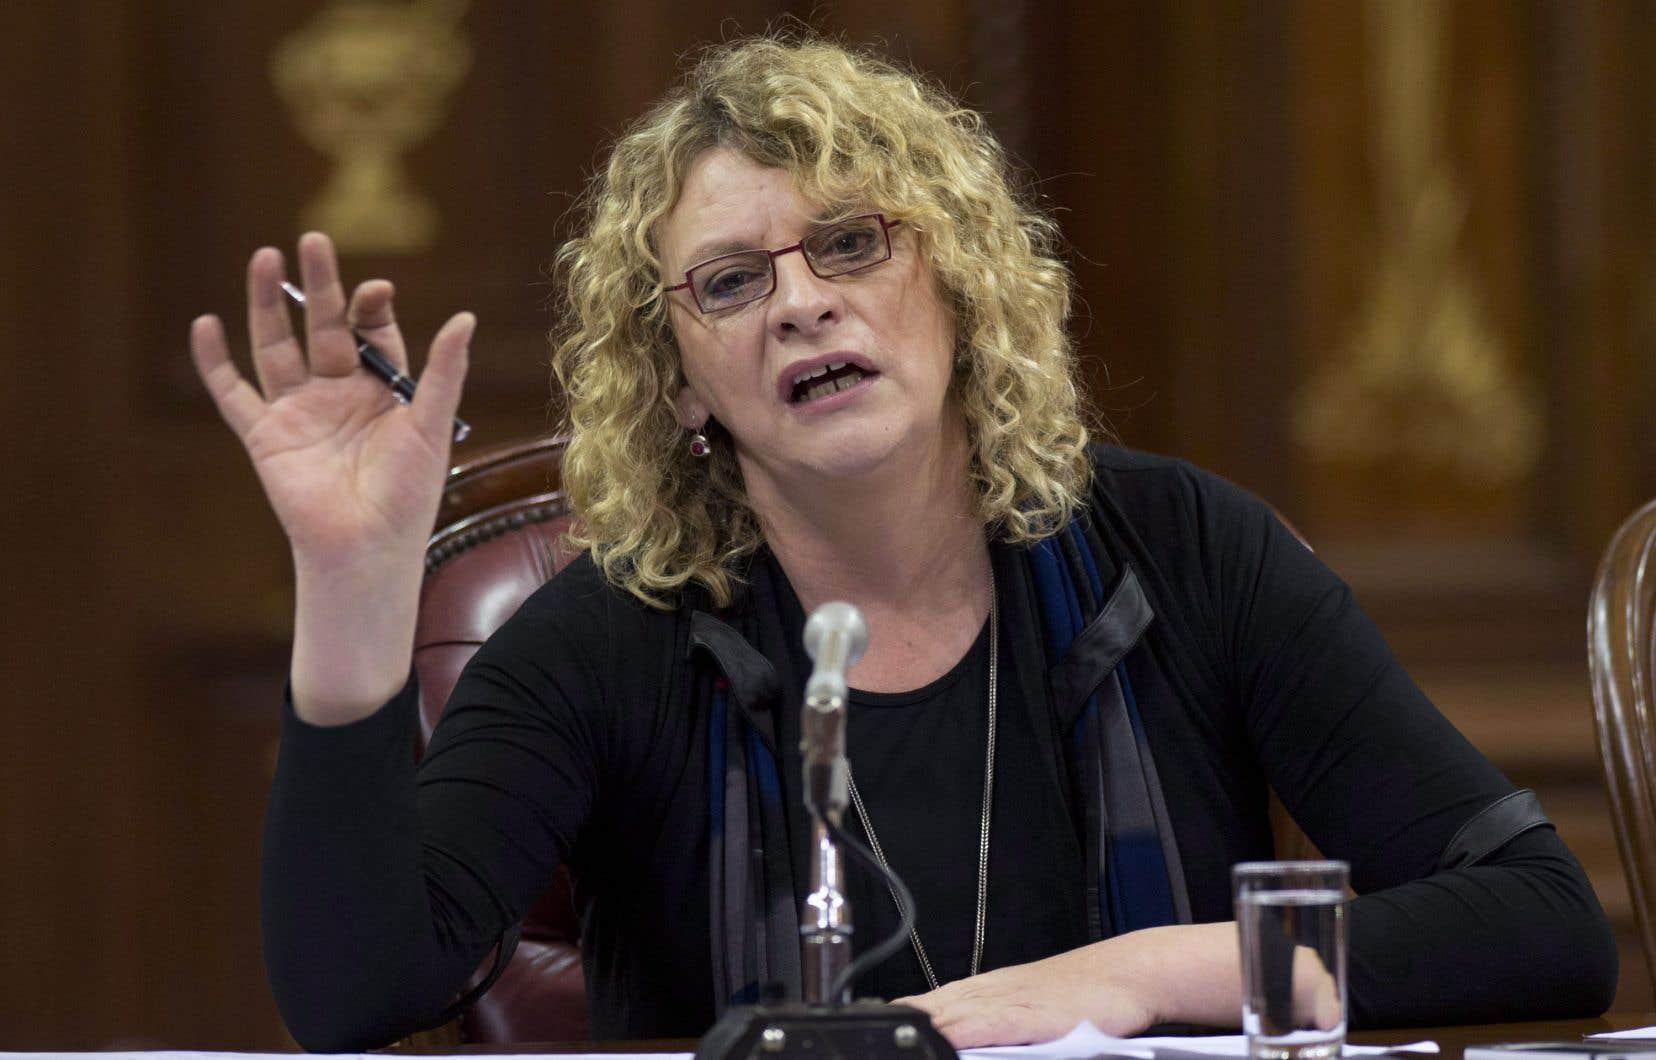 Selon B'nai Brith, Michelle Blanc a tenu des propos la disqualifiant dans sa volonté de «représenter ses électeurs de manière juste et équitable».